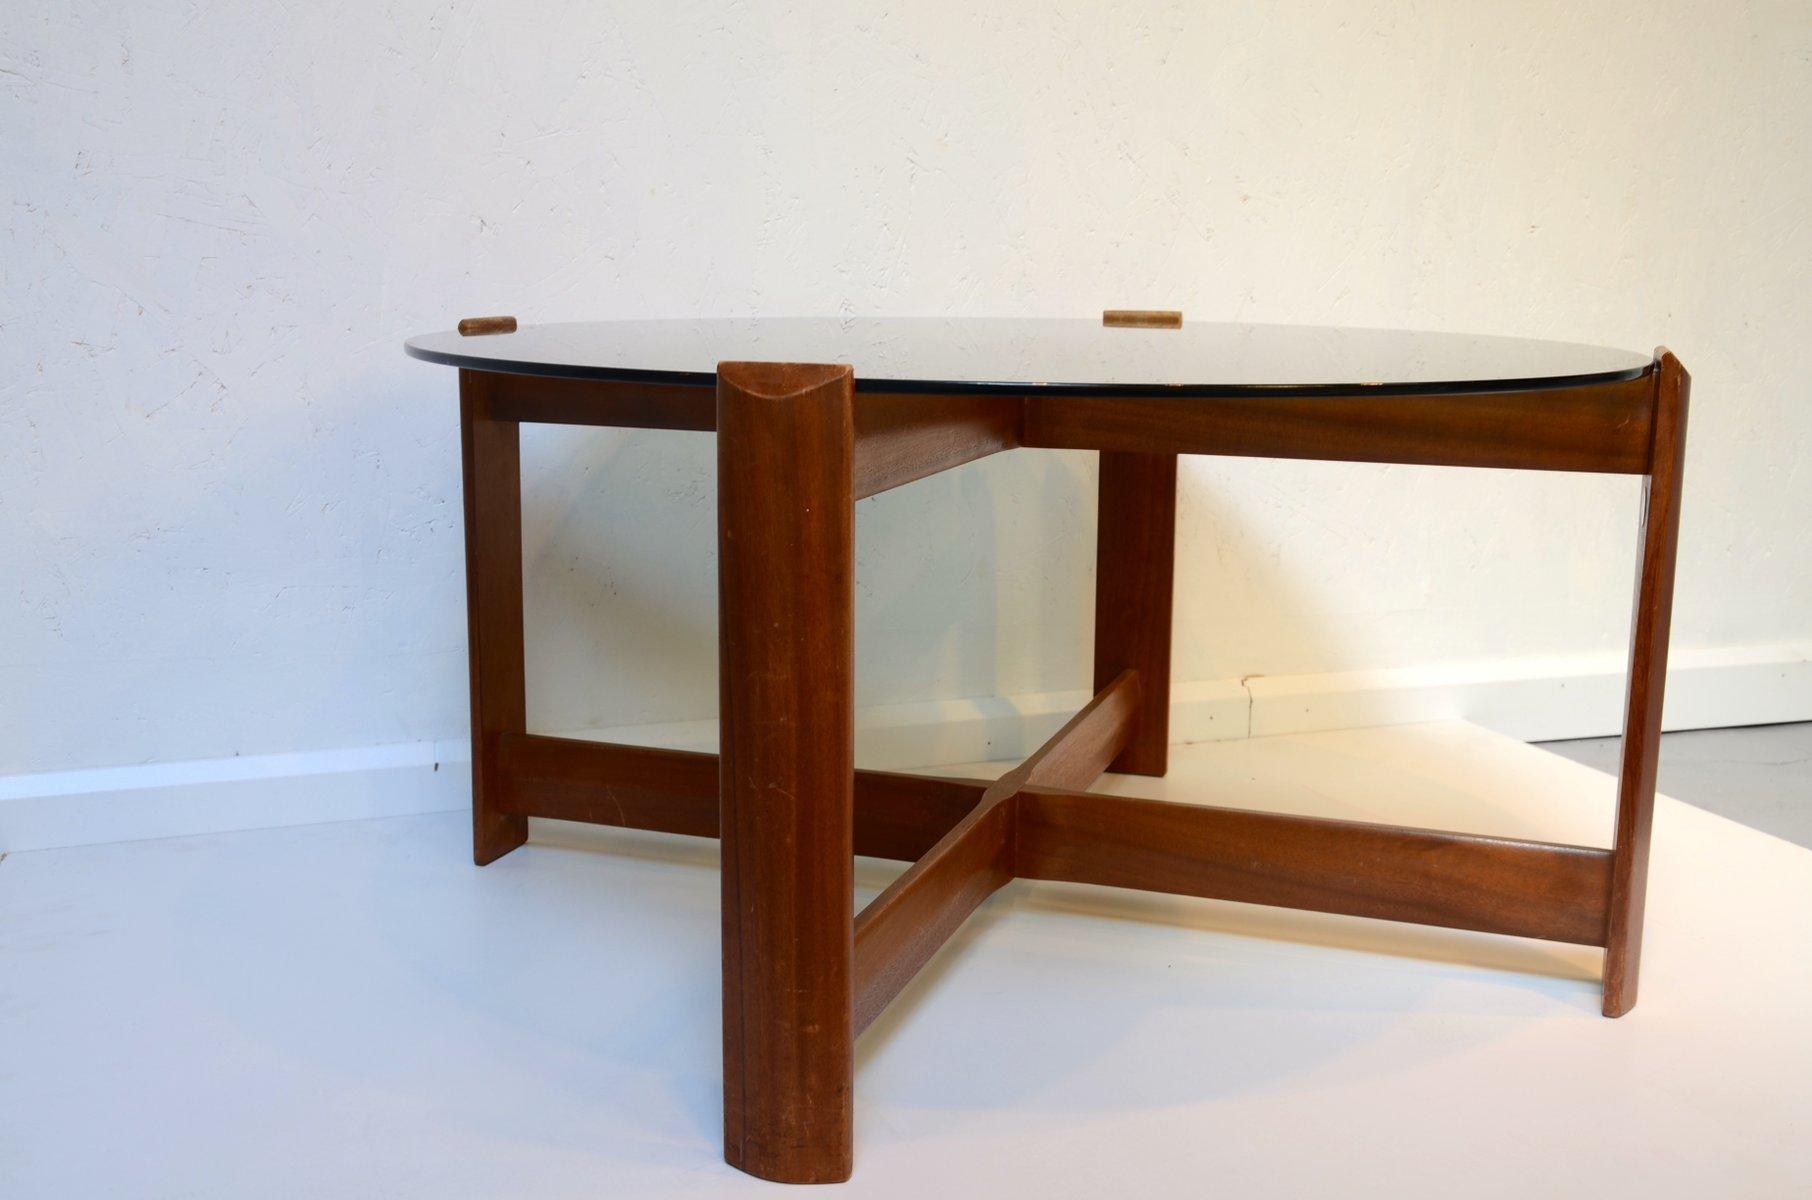 kleiner d nischer vintage couchtisch bei pamono kaufen. Black Bedroom Furniture Sets. Home Design Ideas